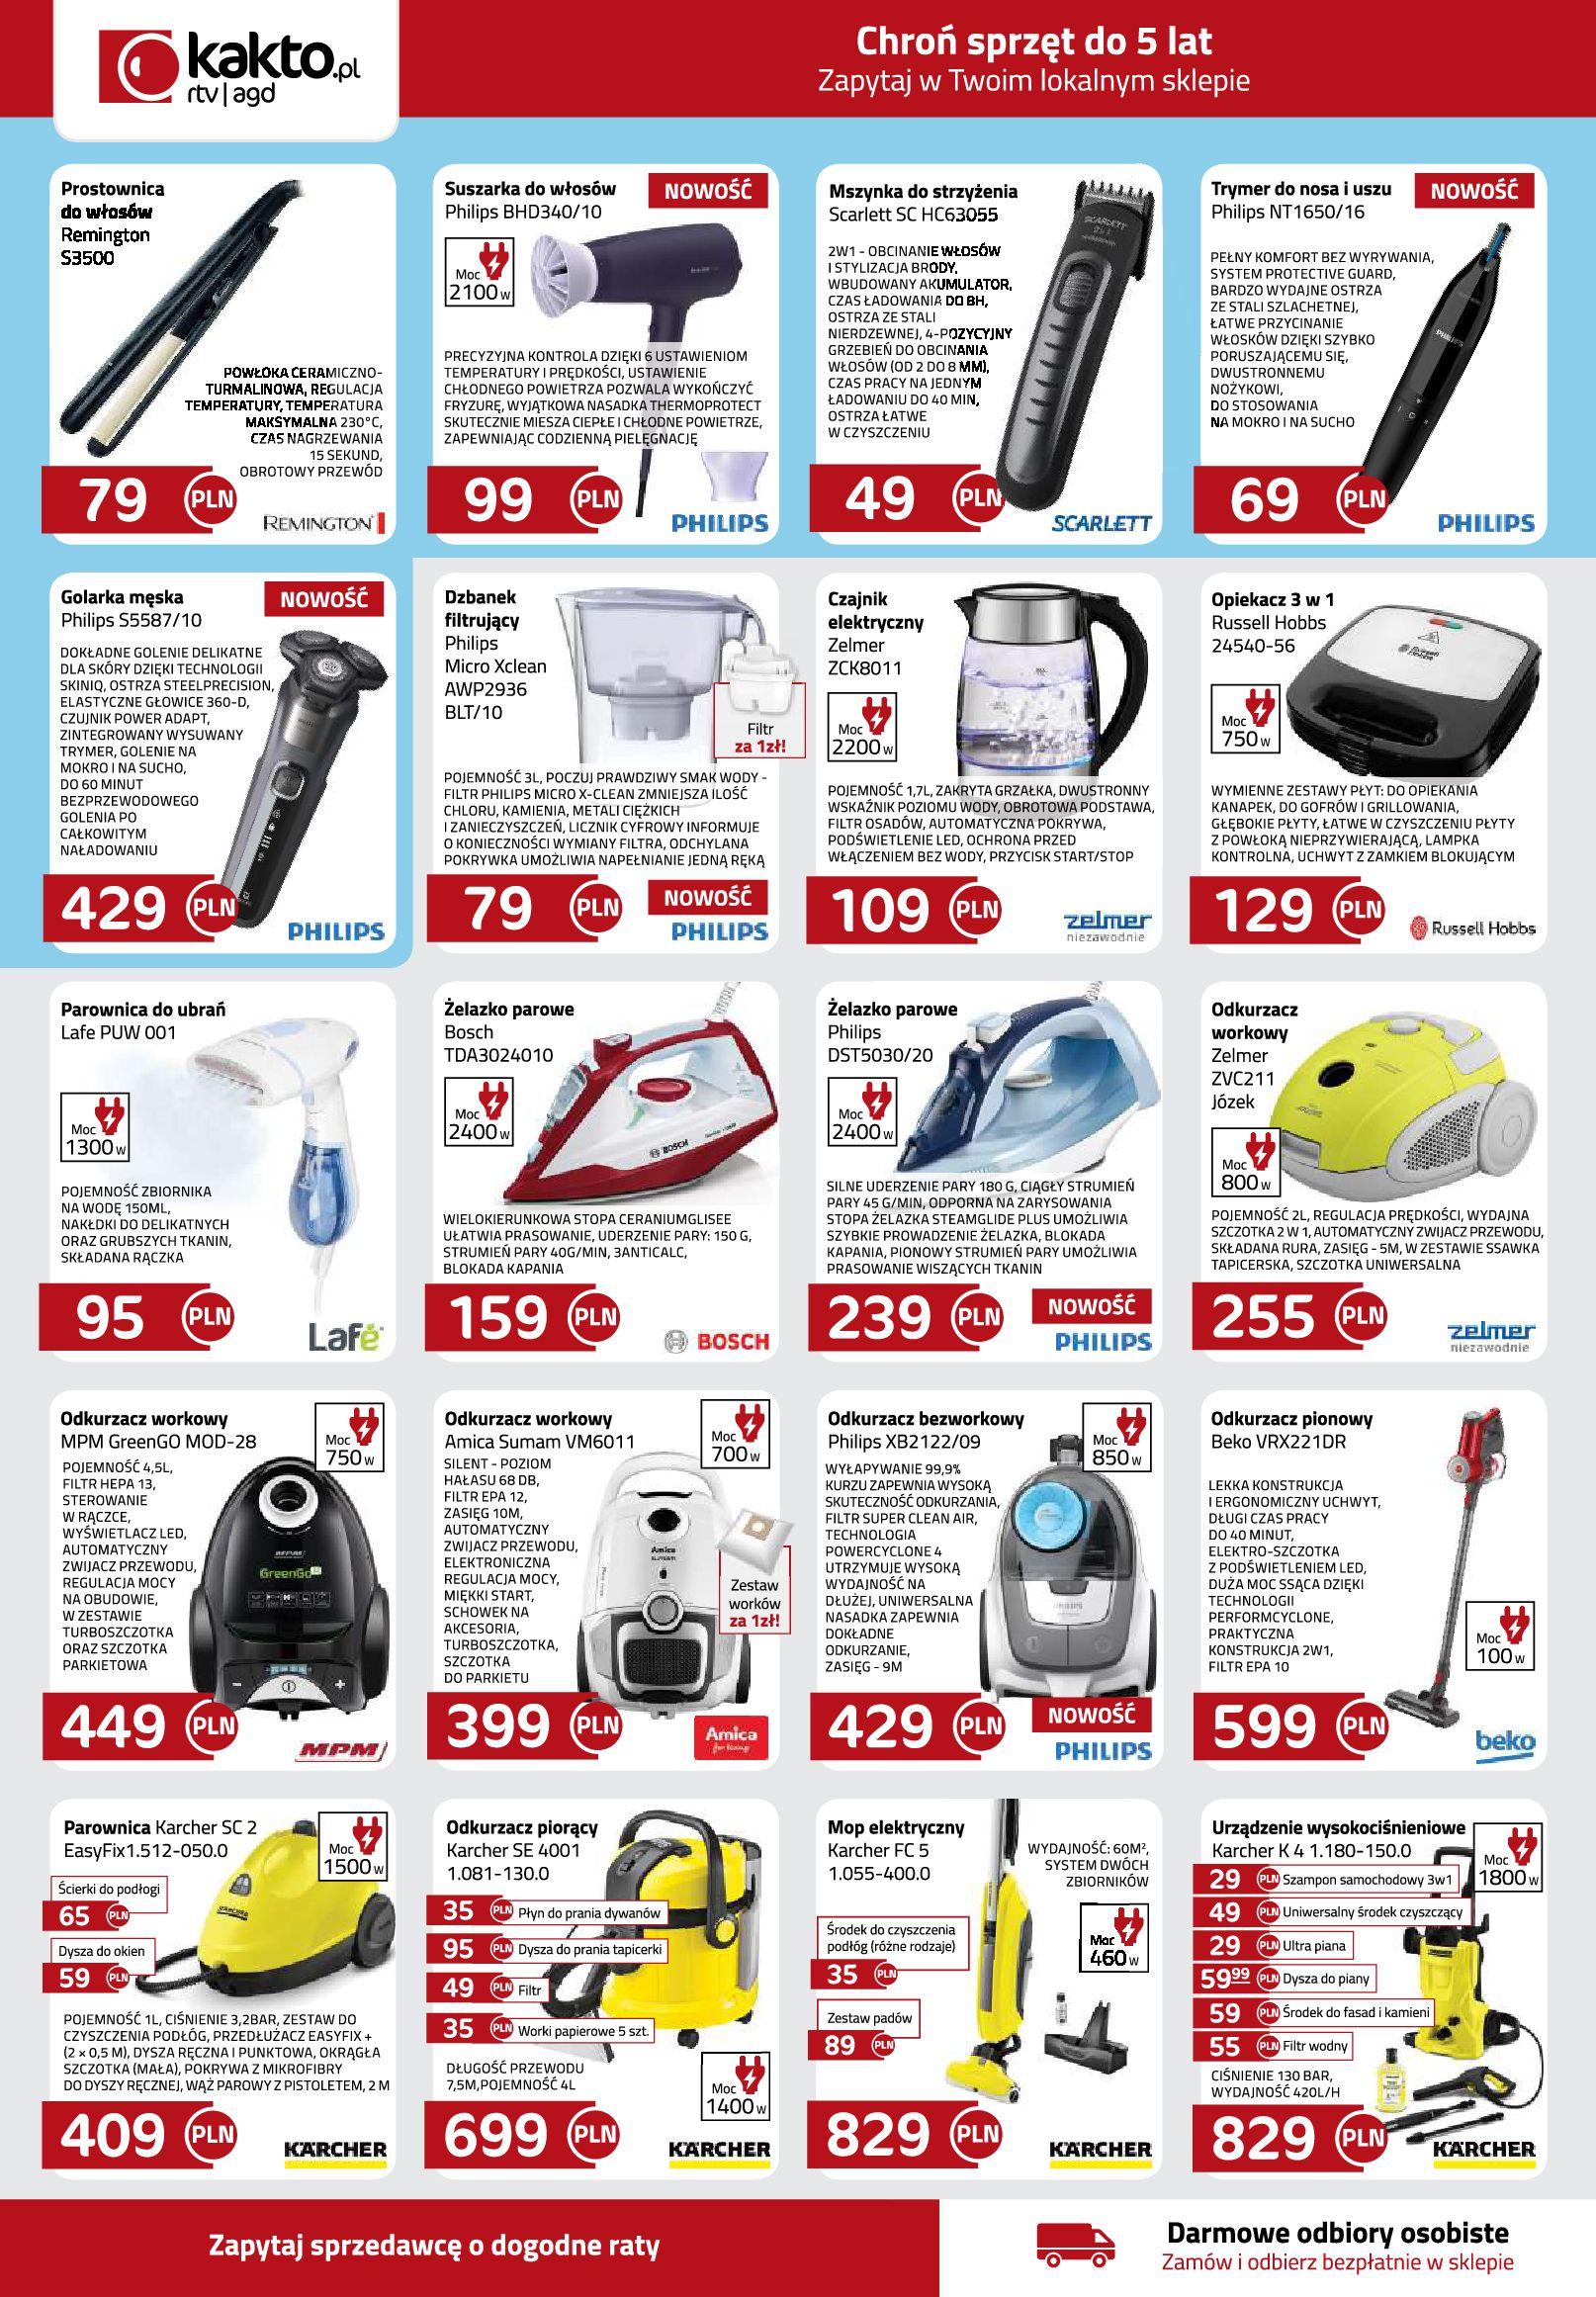 Gazetka kakto.pl: Gazetka Kwiecień 2021-04-09 page-6